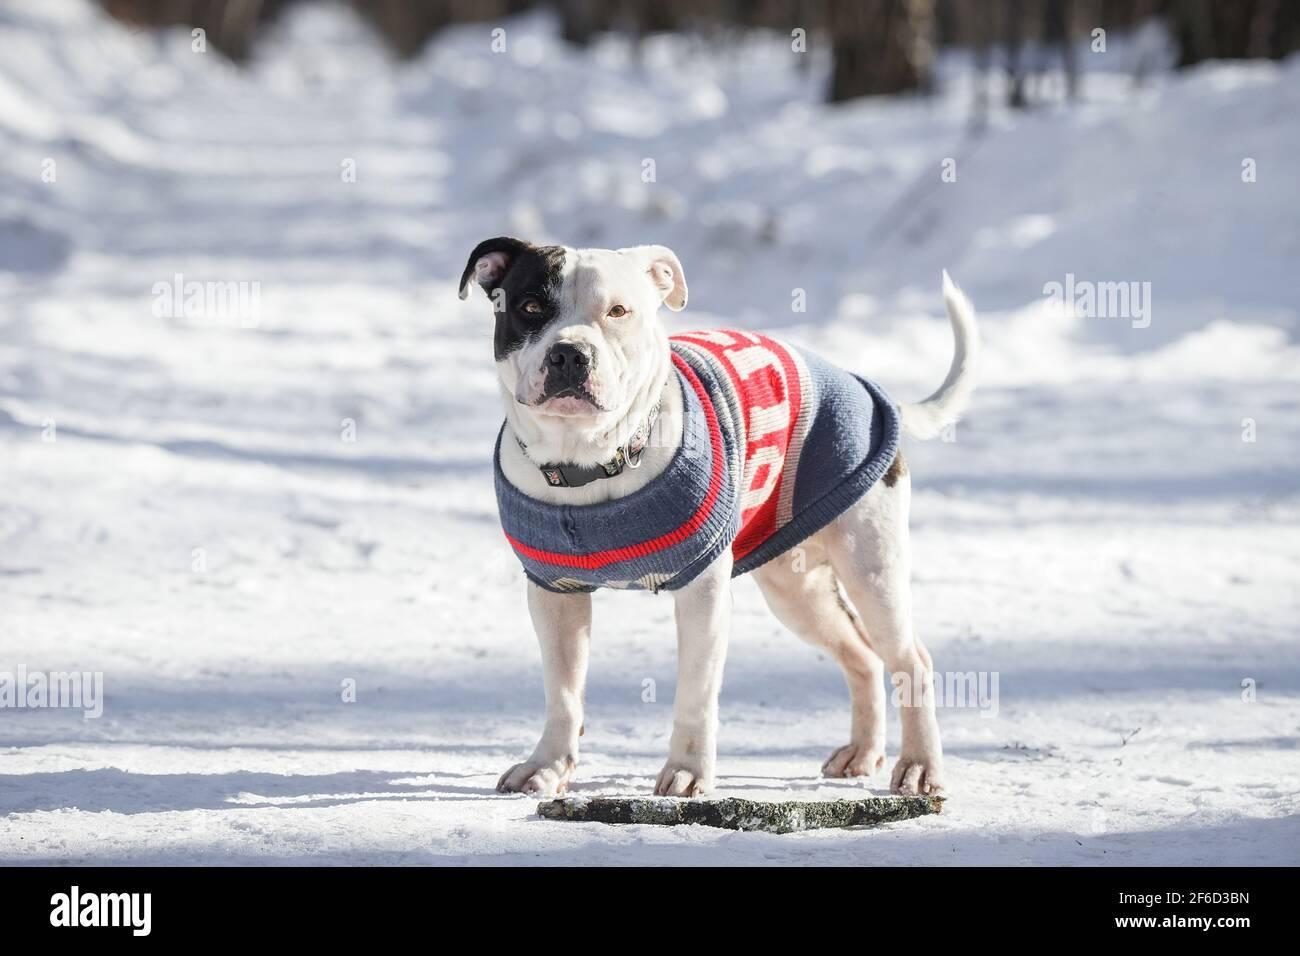 Portrait d'un joli chien blanc Pit Bull regardant l'appareil photo sur un fond blanc neige avec un espace de copie. Faible profondeur de champ Banque D'Images